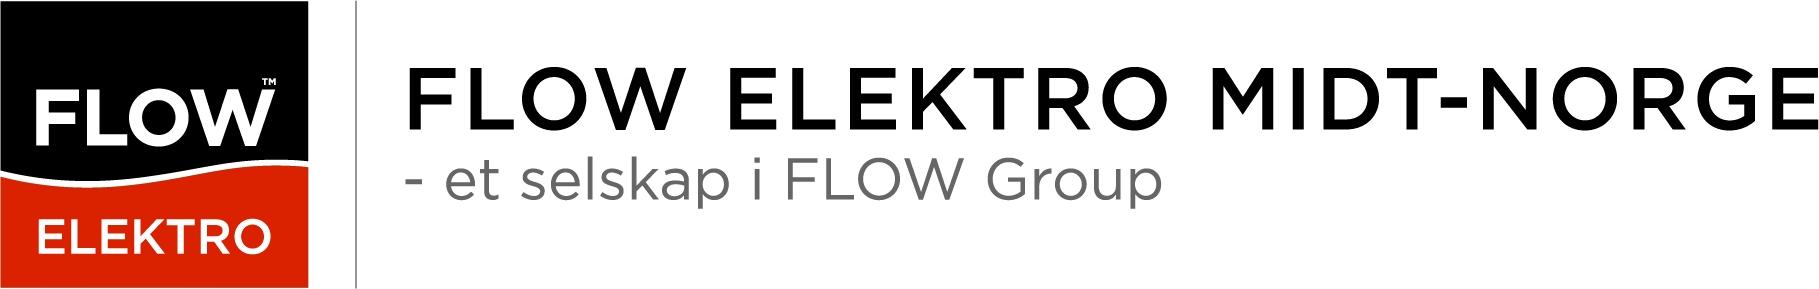 FLOW Elektro Midt-Norge AS